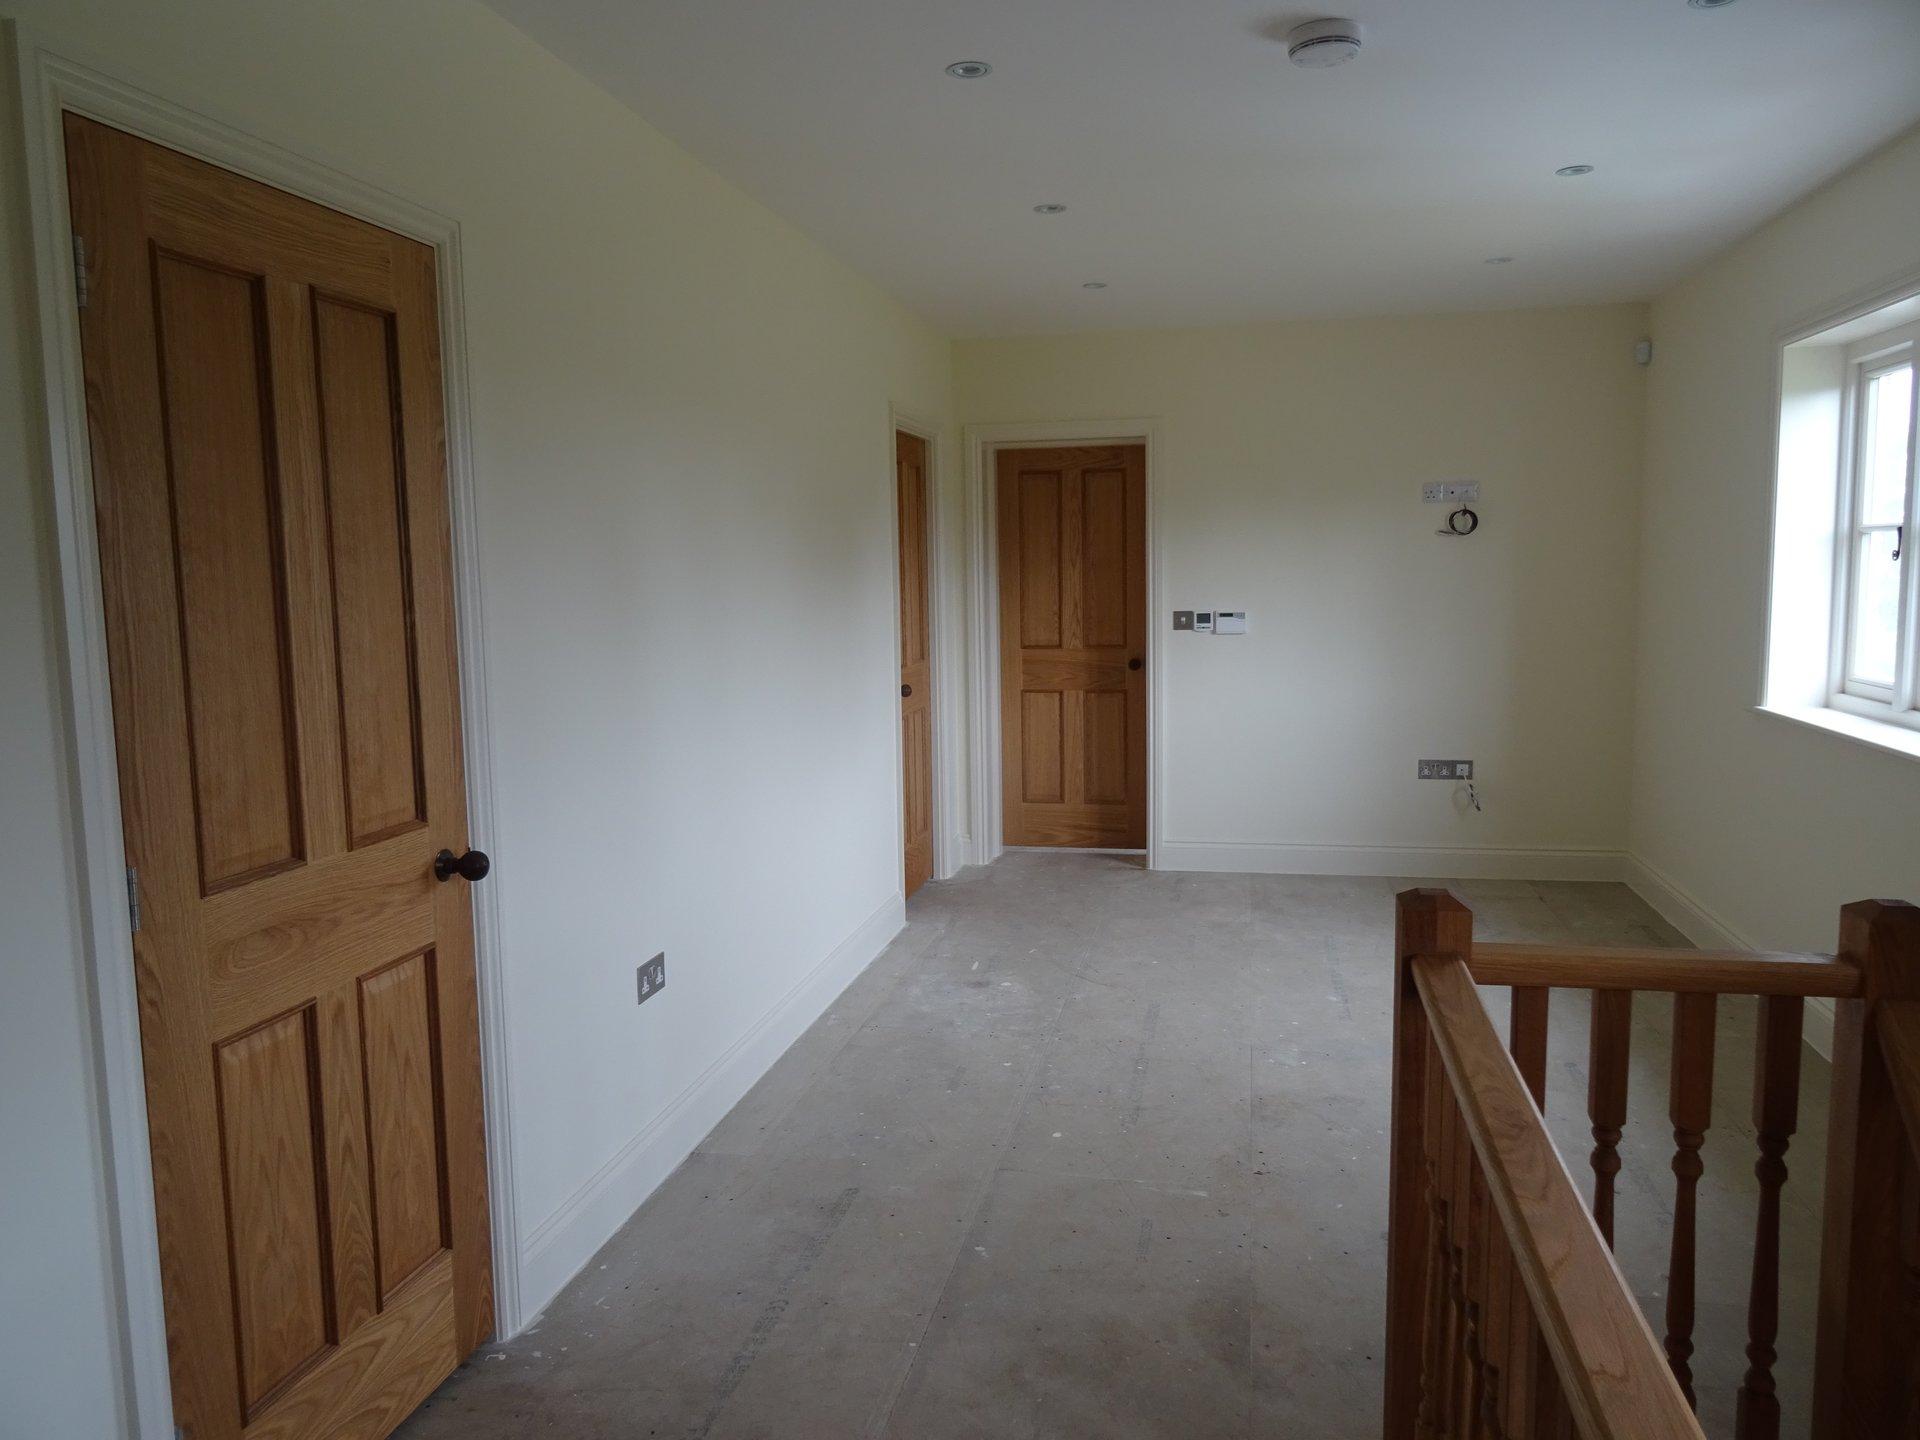 bed room doors